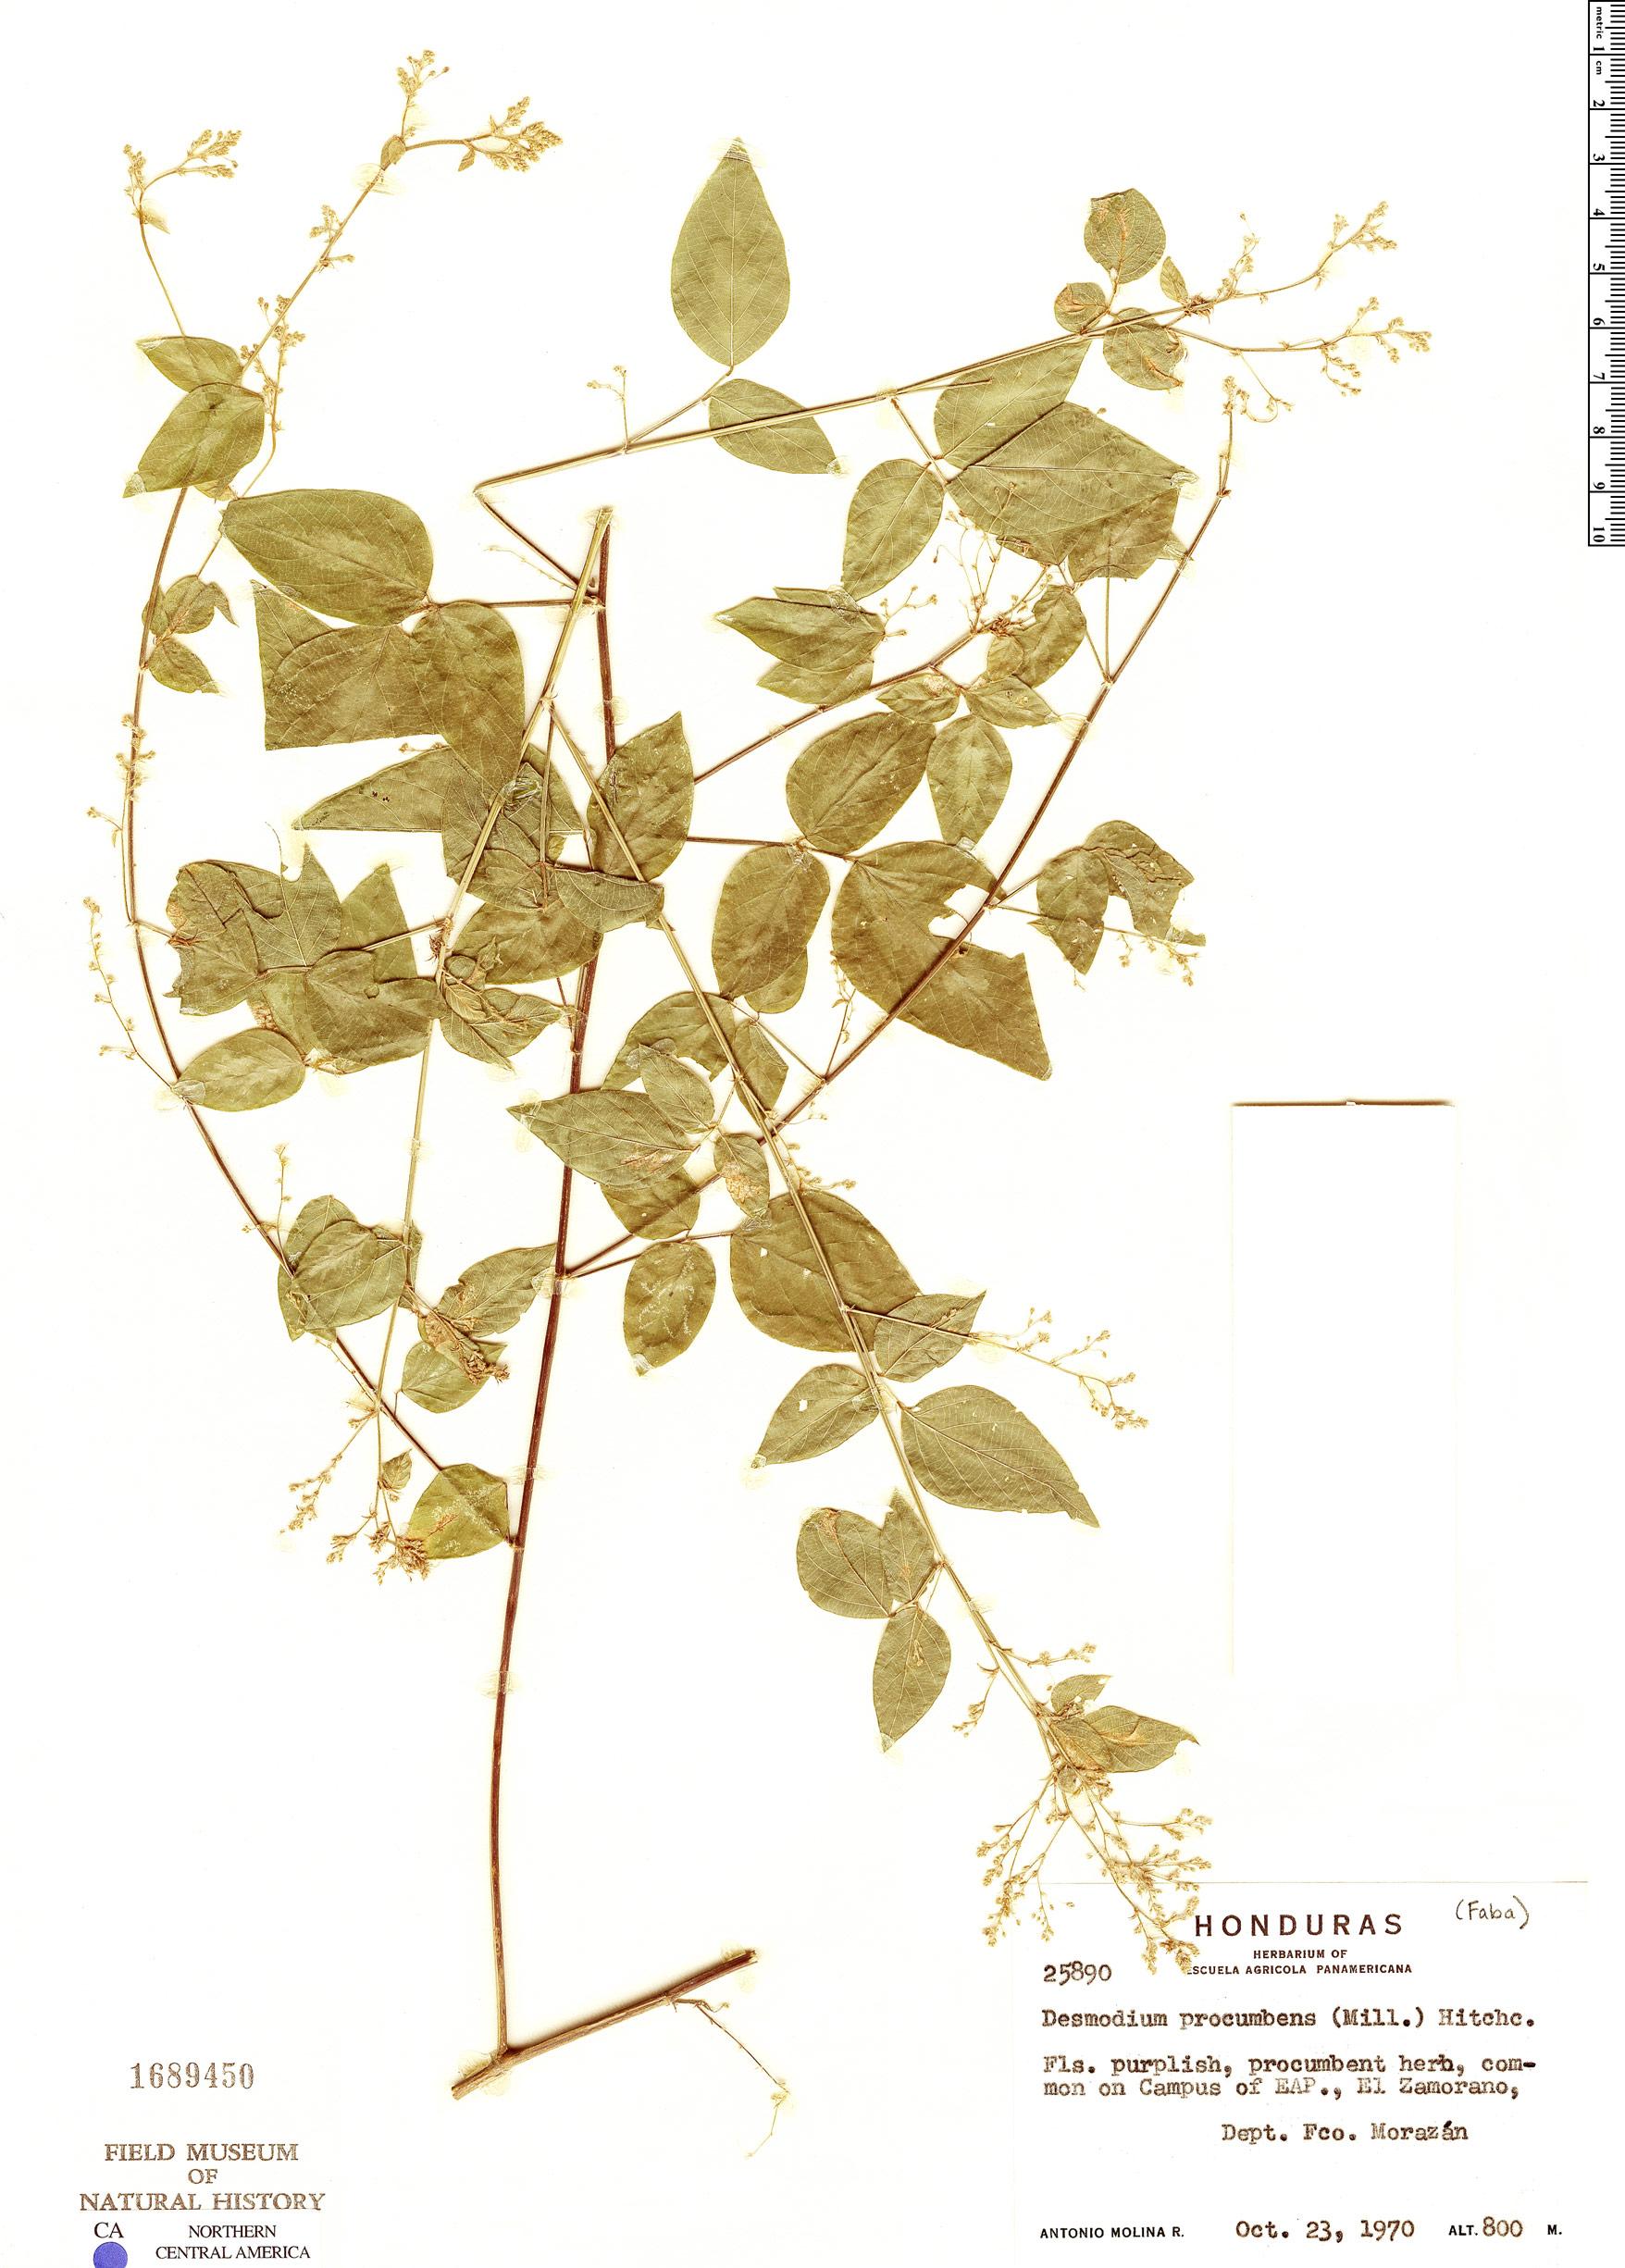 Desmodium procumbens image